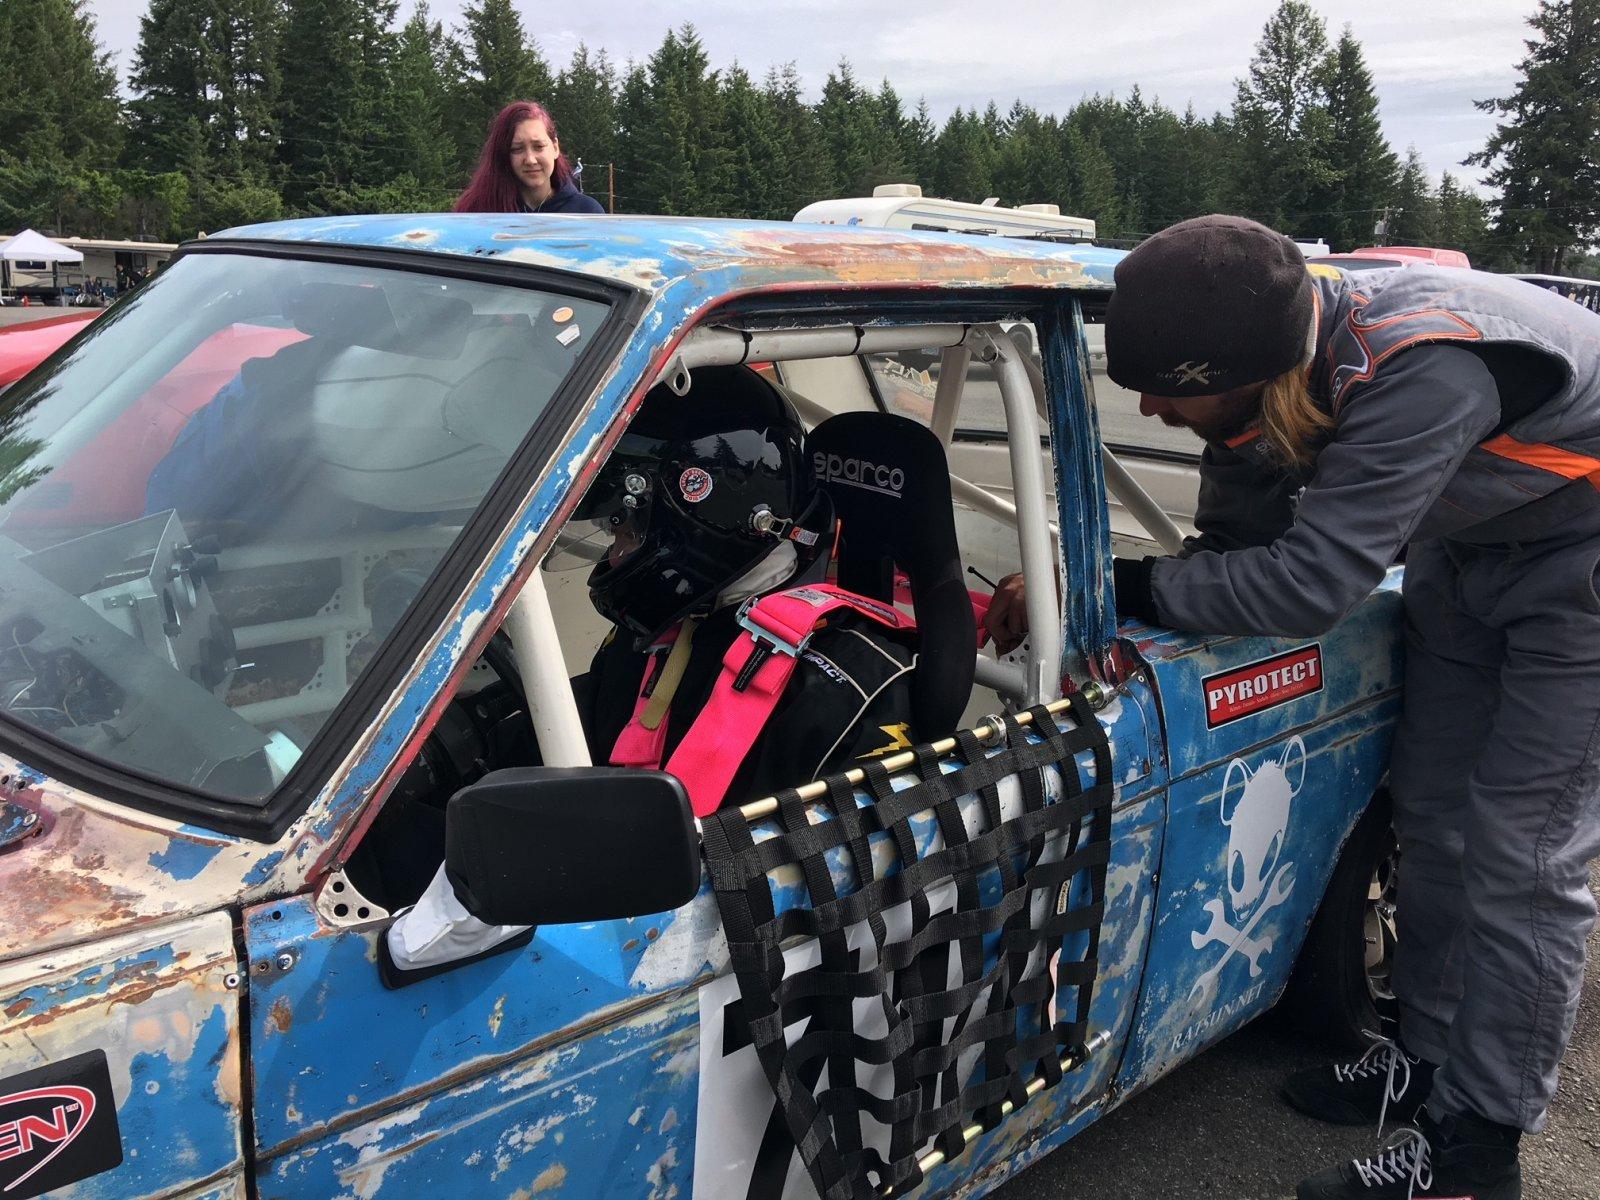 racecar9.jpg